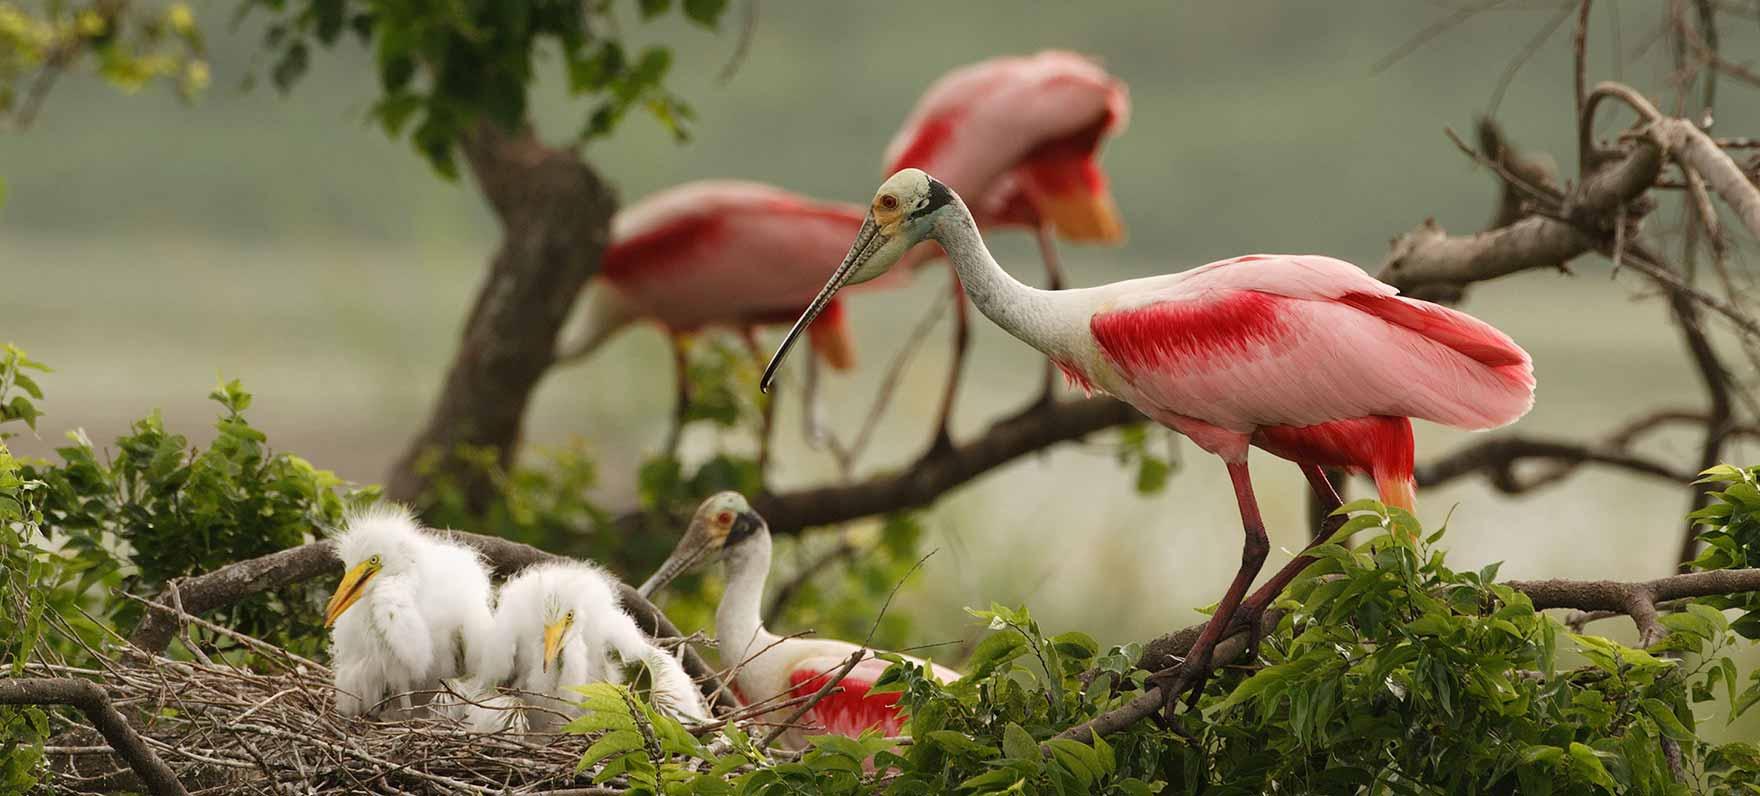 birding-classic-2008